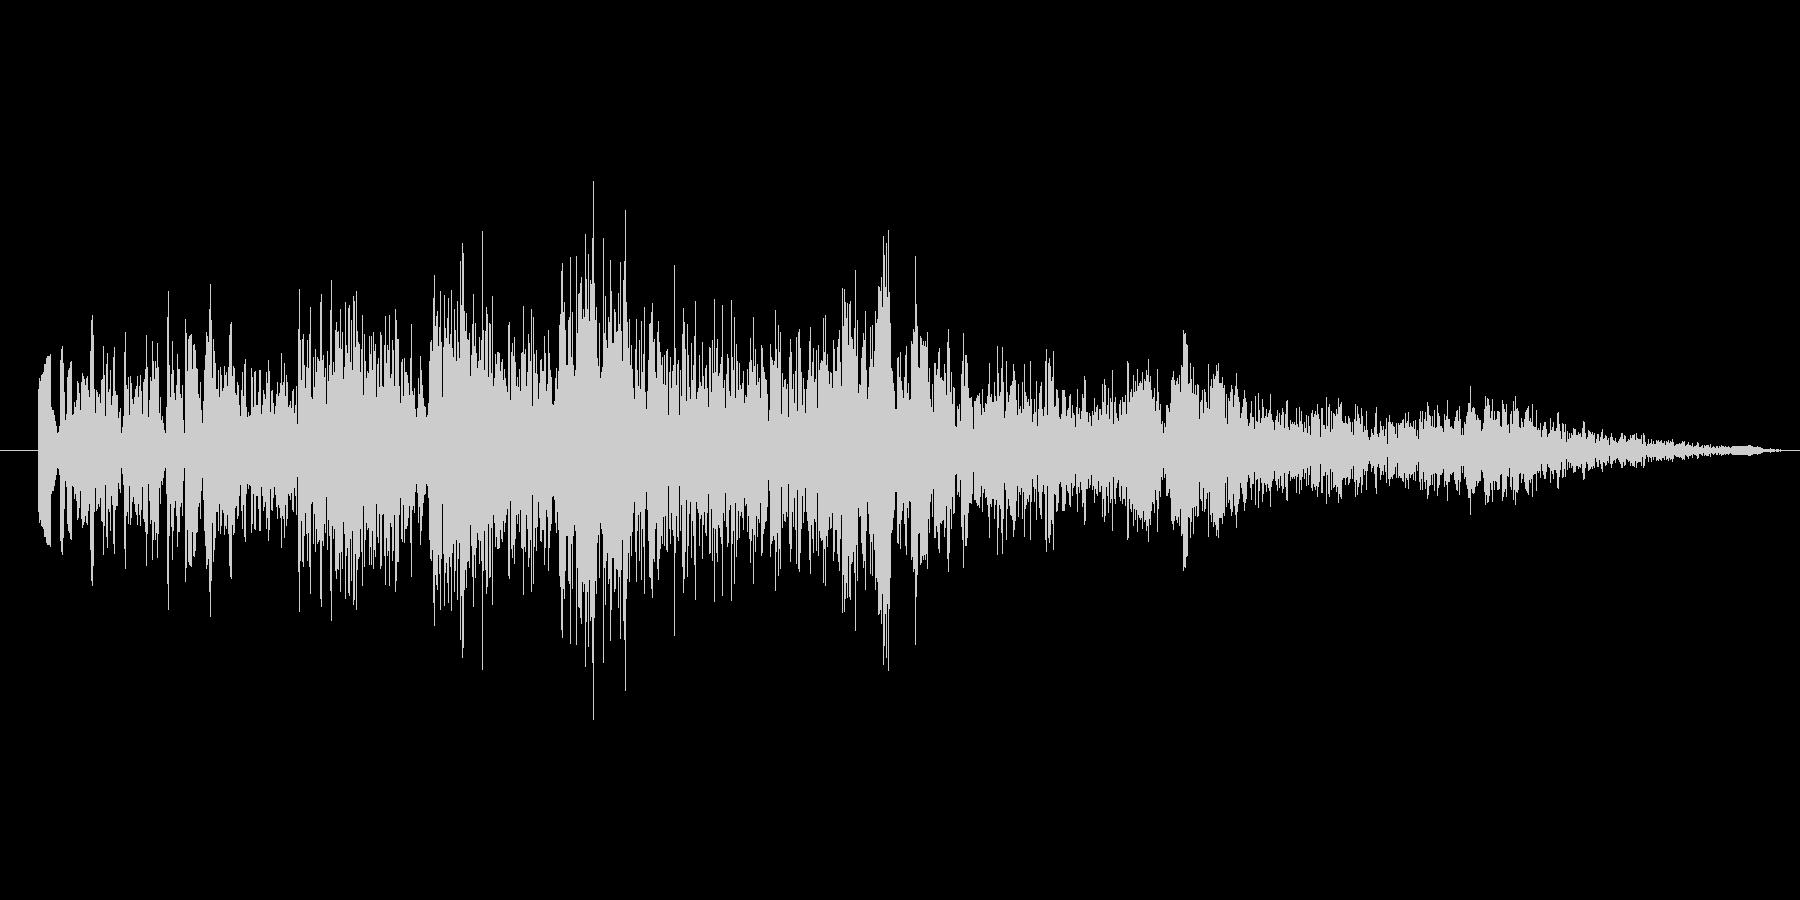 怪しげなタイトル音2の未再生の波形